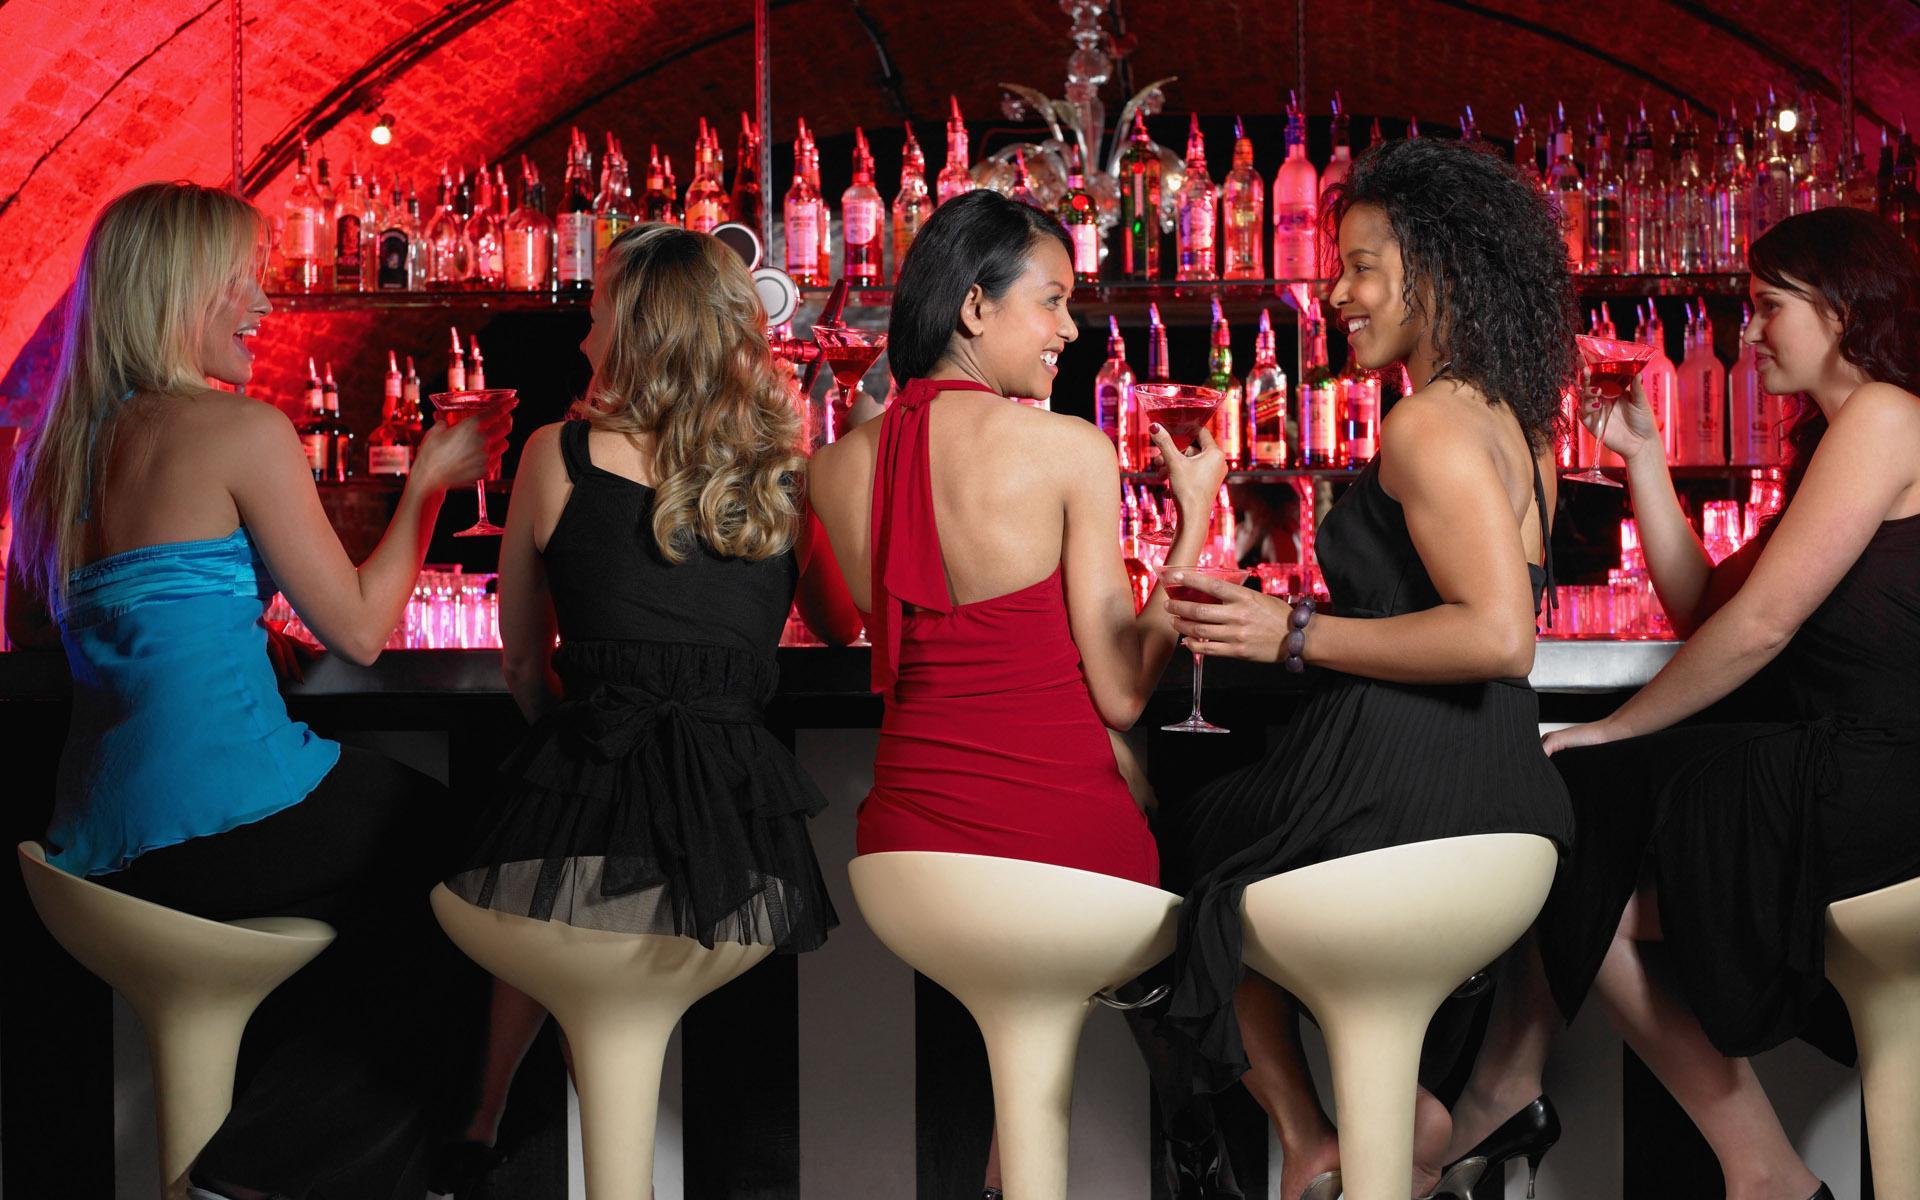 Фото пьяных девчонок в барах 26 фотография